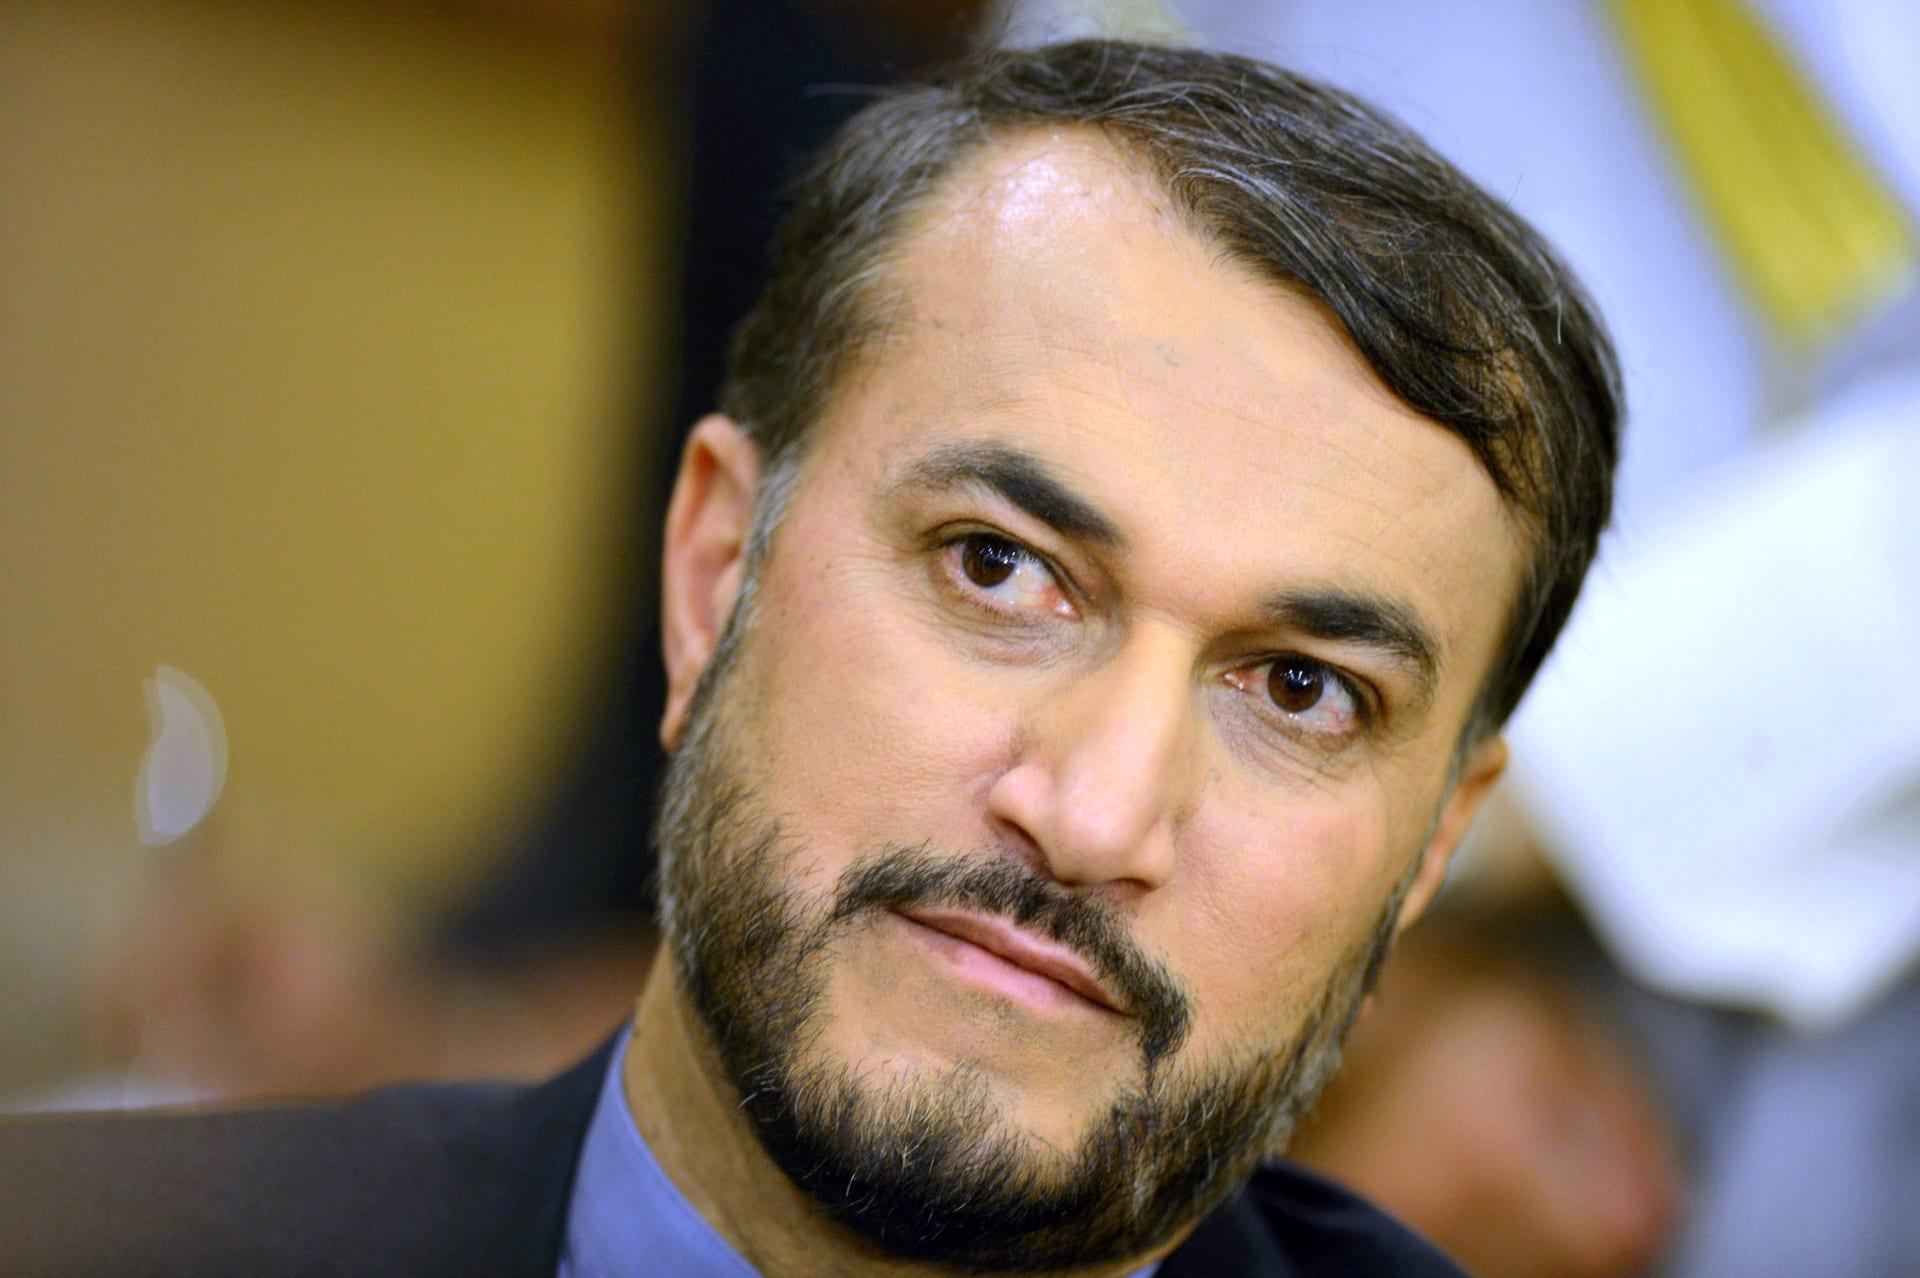 إنستغرام يعاقب مسؤولا إيرانيا بسبب دعمه لنصرالله.. ويحذره من تكرار الأمر